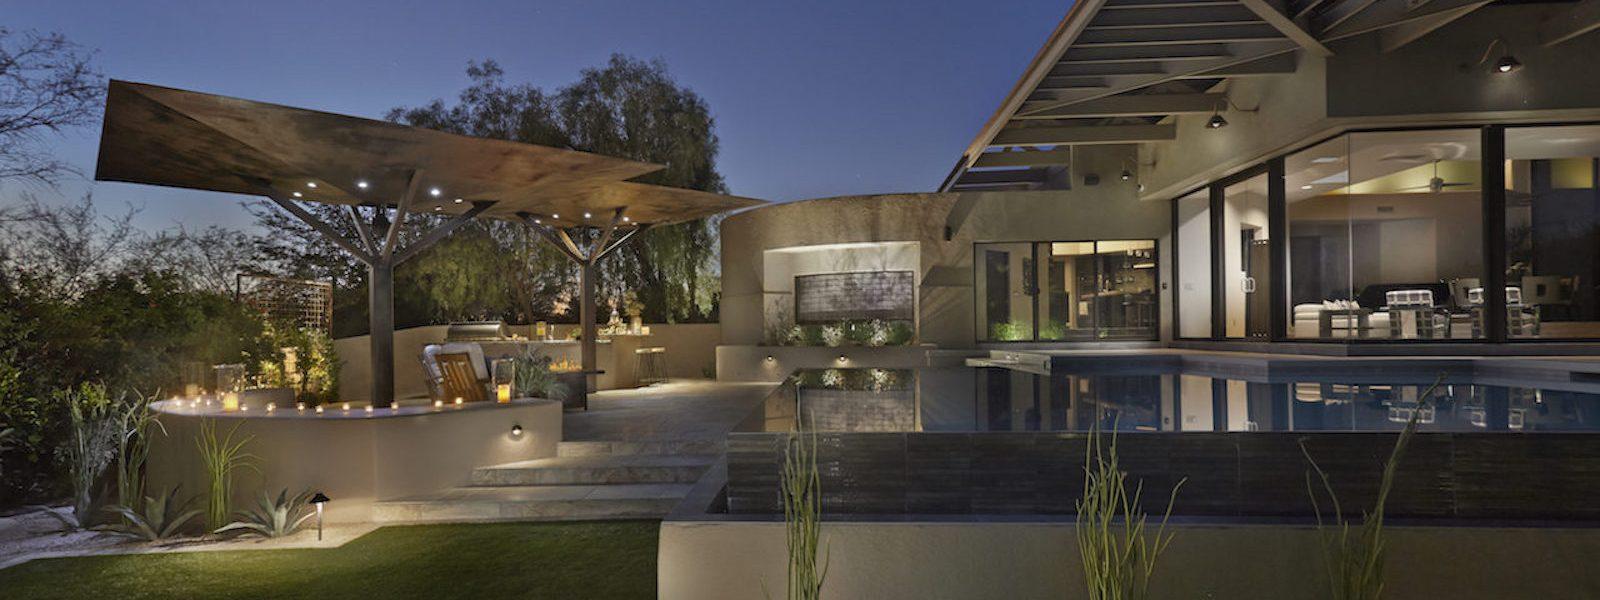 the garden gate landscape design at